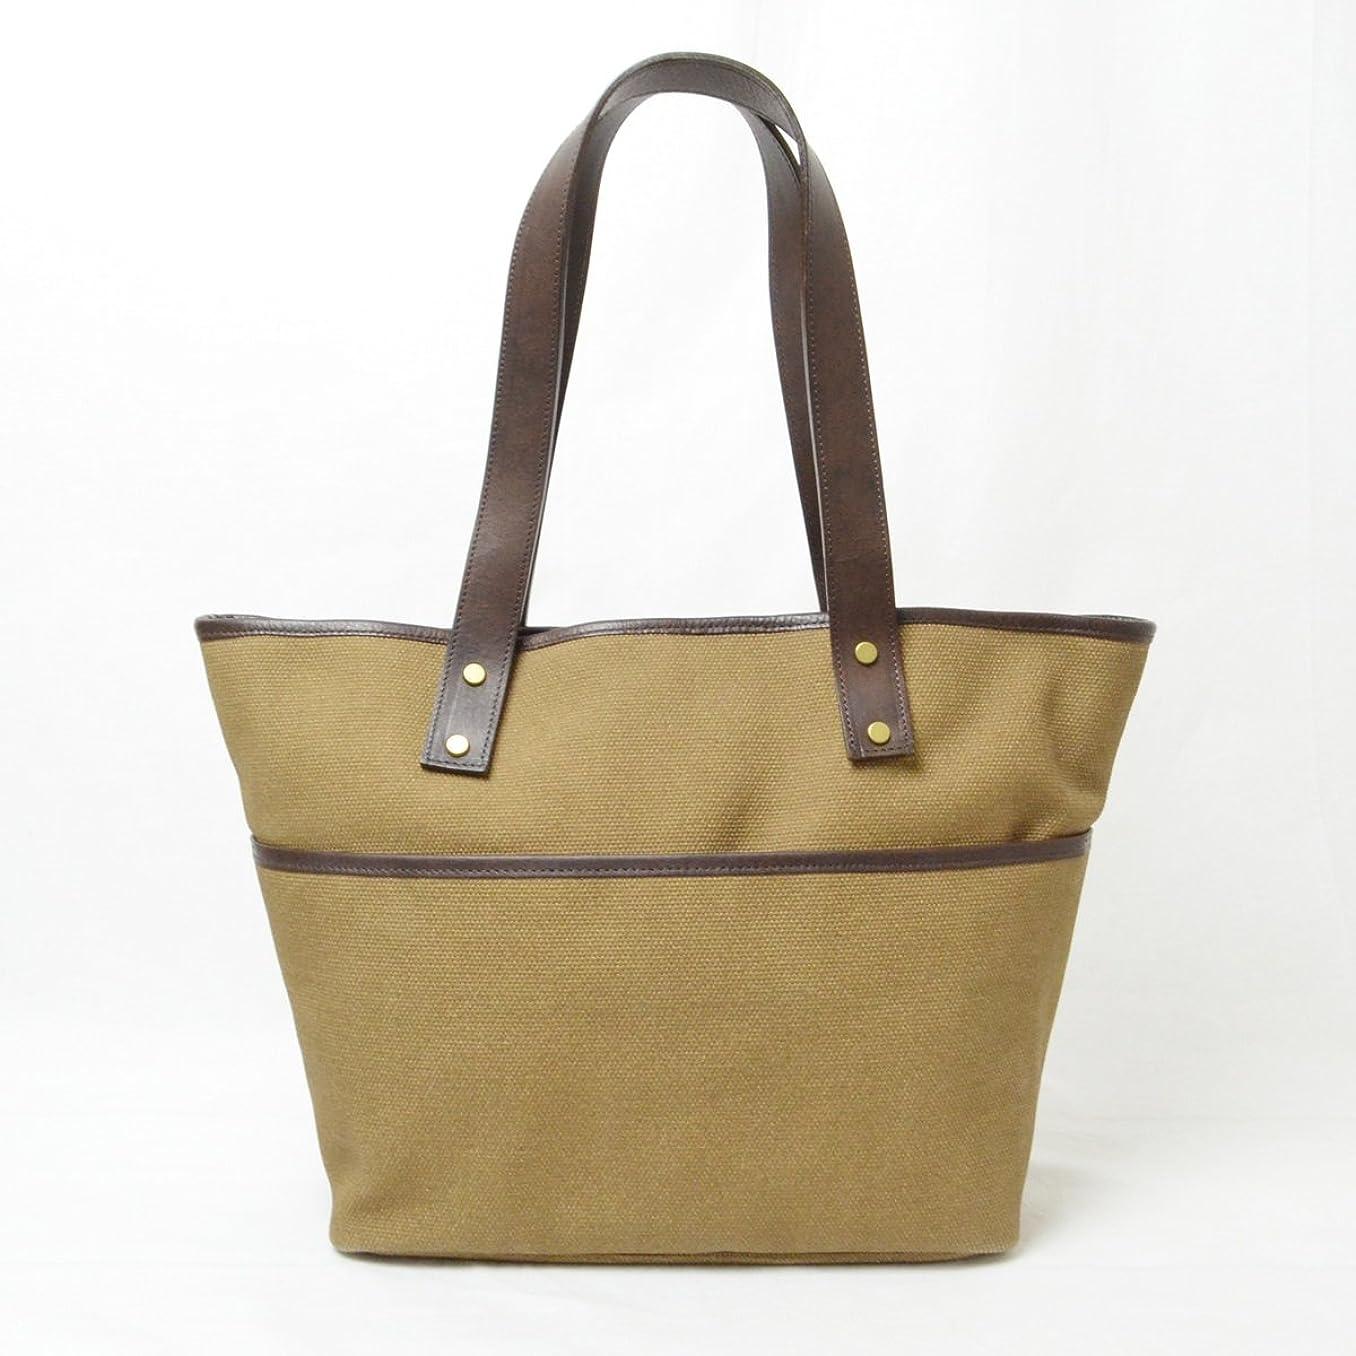 大学院誰バタフライエスペラント esperanto バッグ「TOTE BAG Small ハンプXリバース トートバッグ (S)」ESP-6331 ブラウン